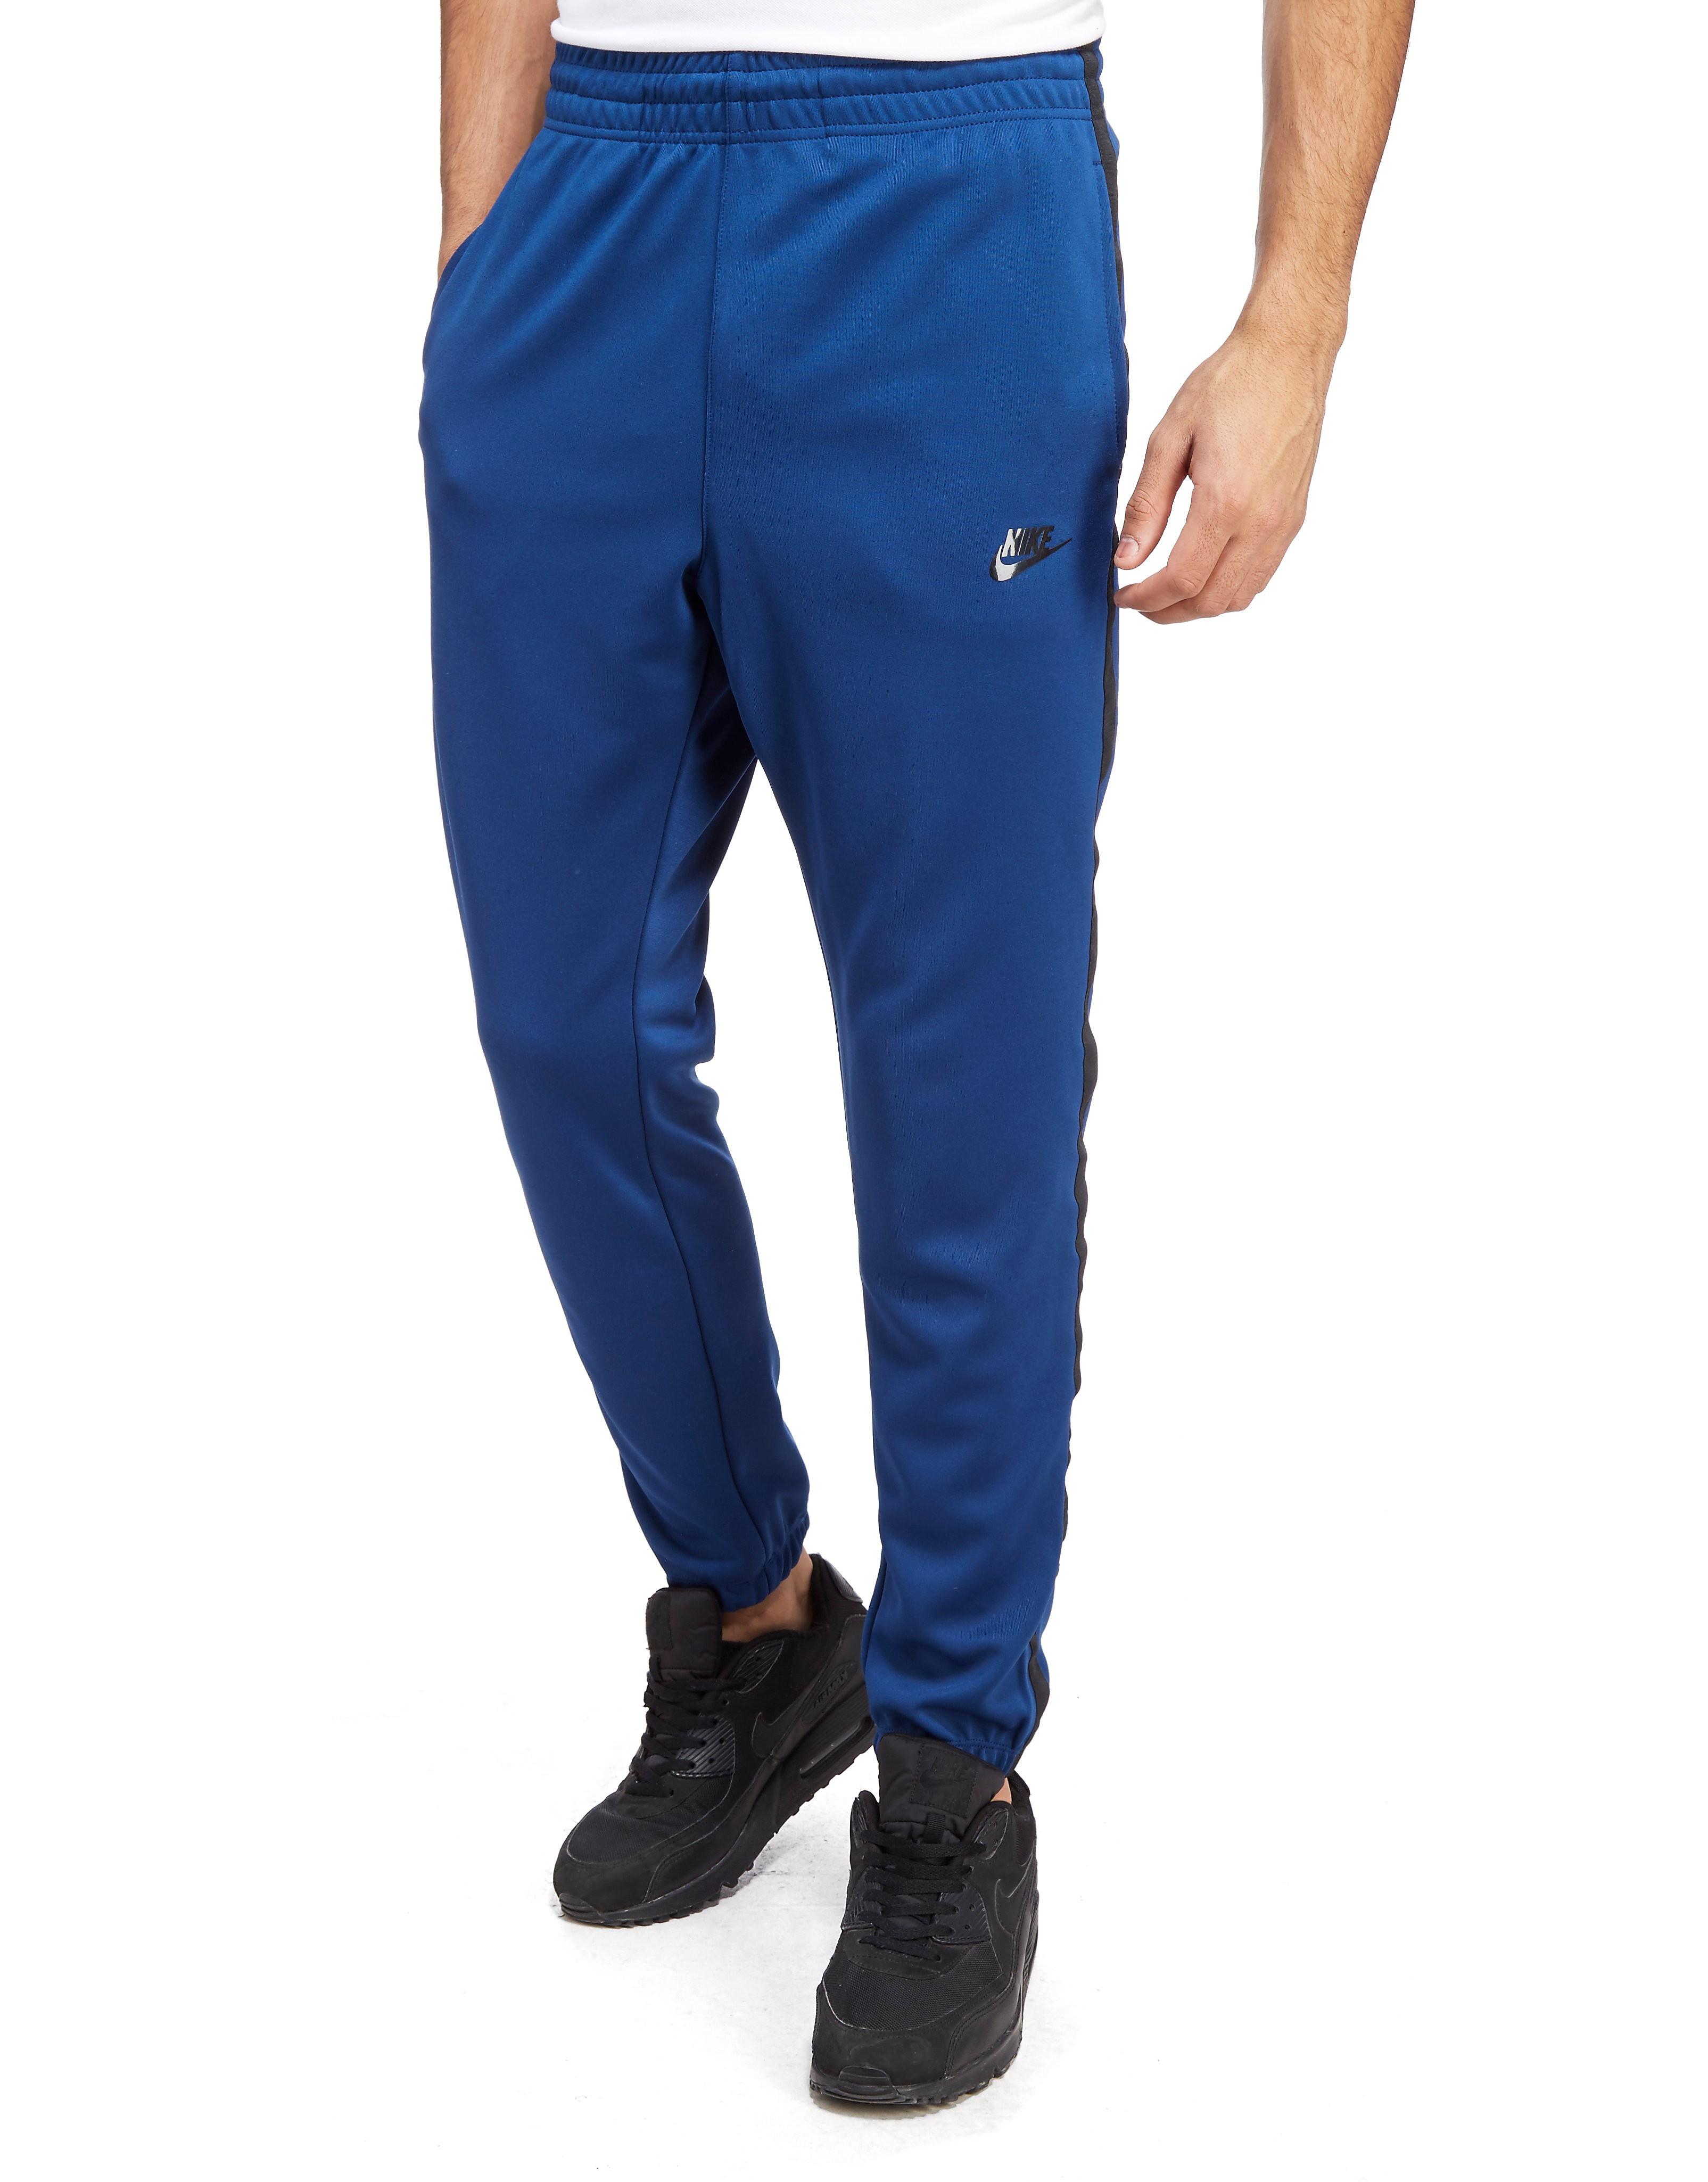 Nike Tribute Pants